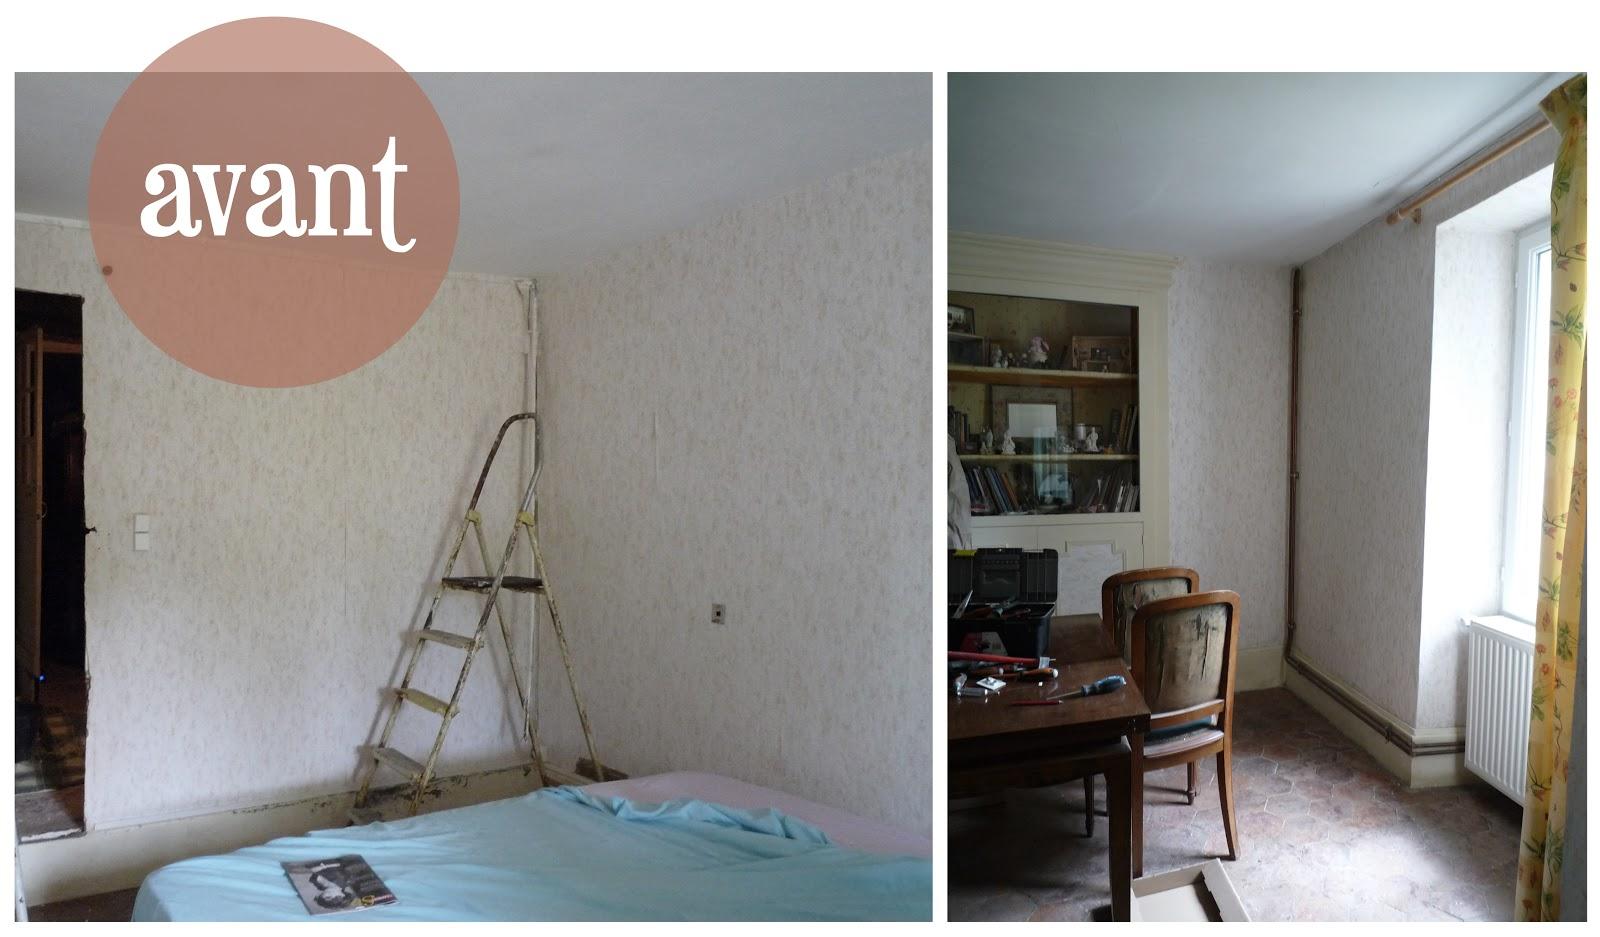 botte secr te r alisations. Black Bedroom Furniture Sets. Home Design Ideas